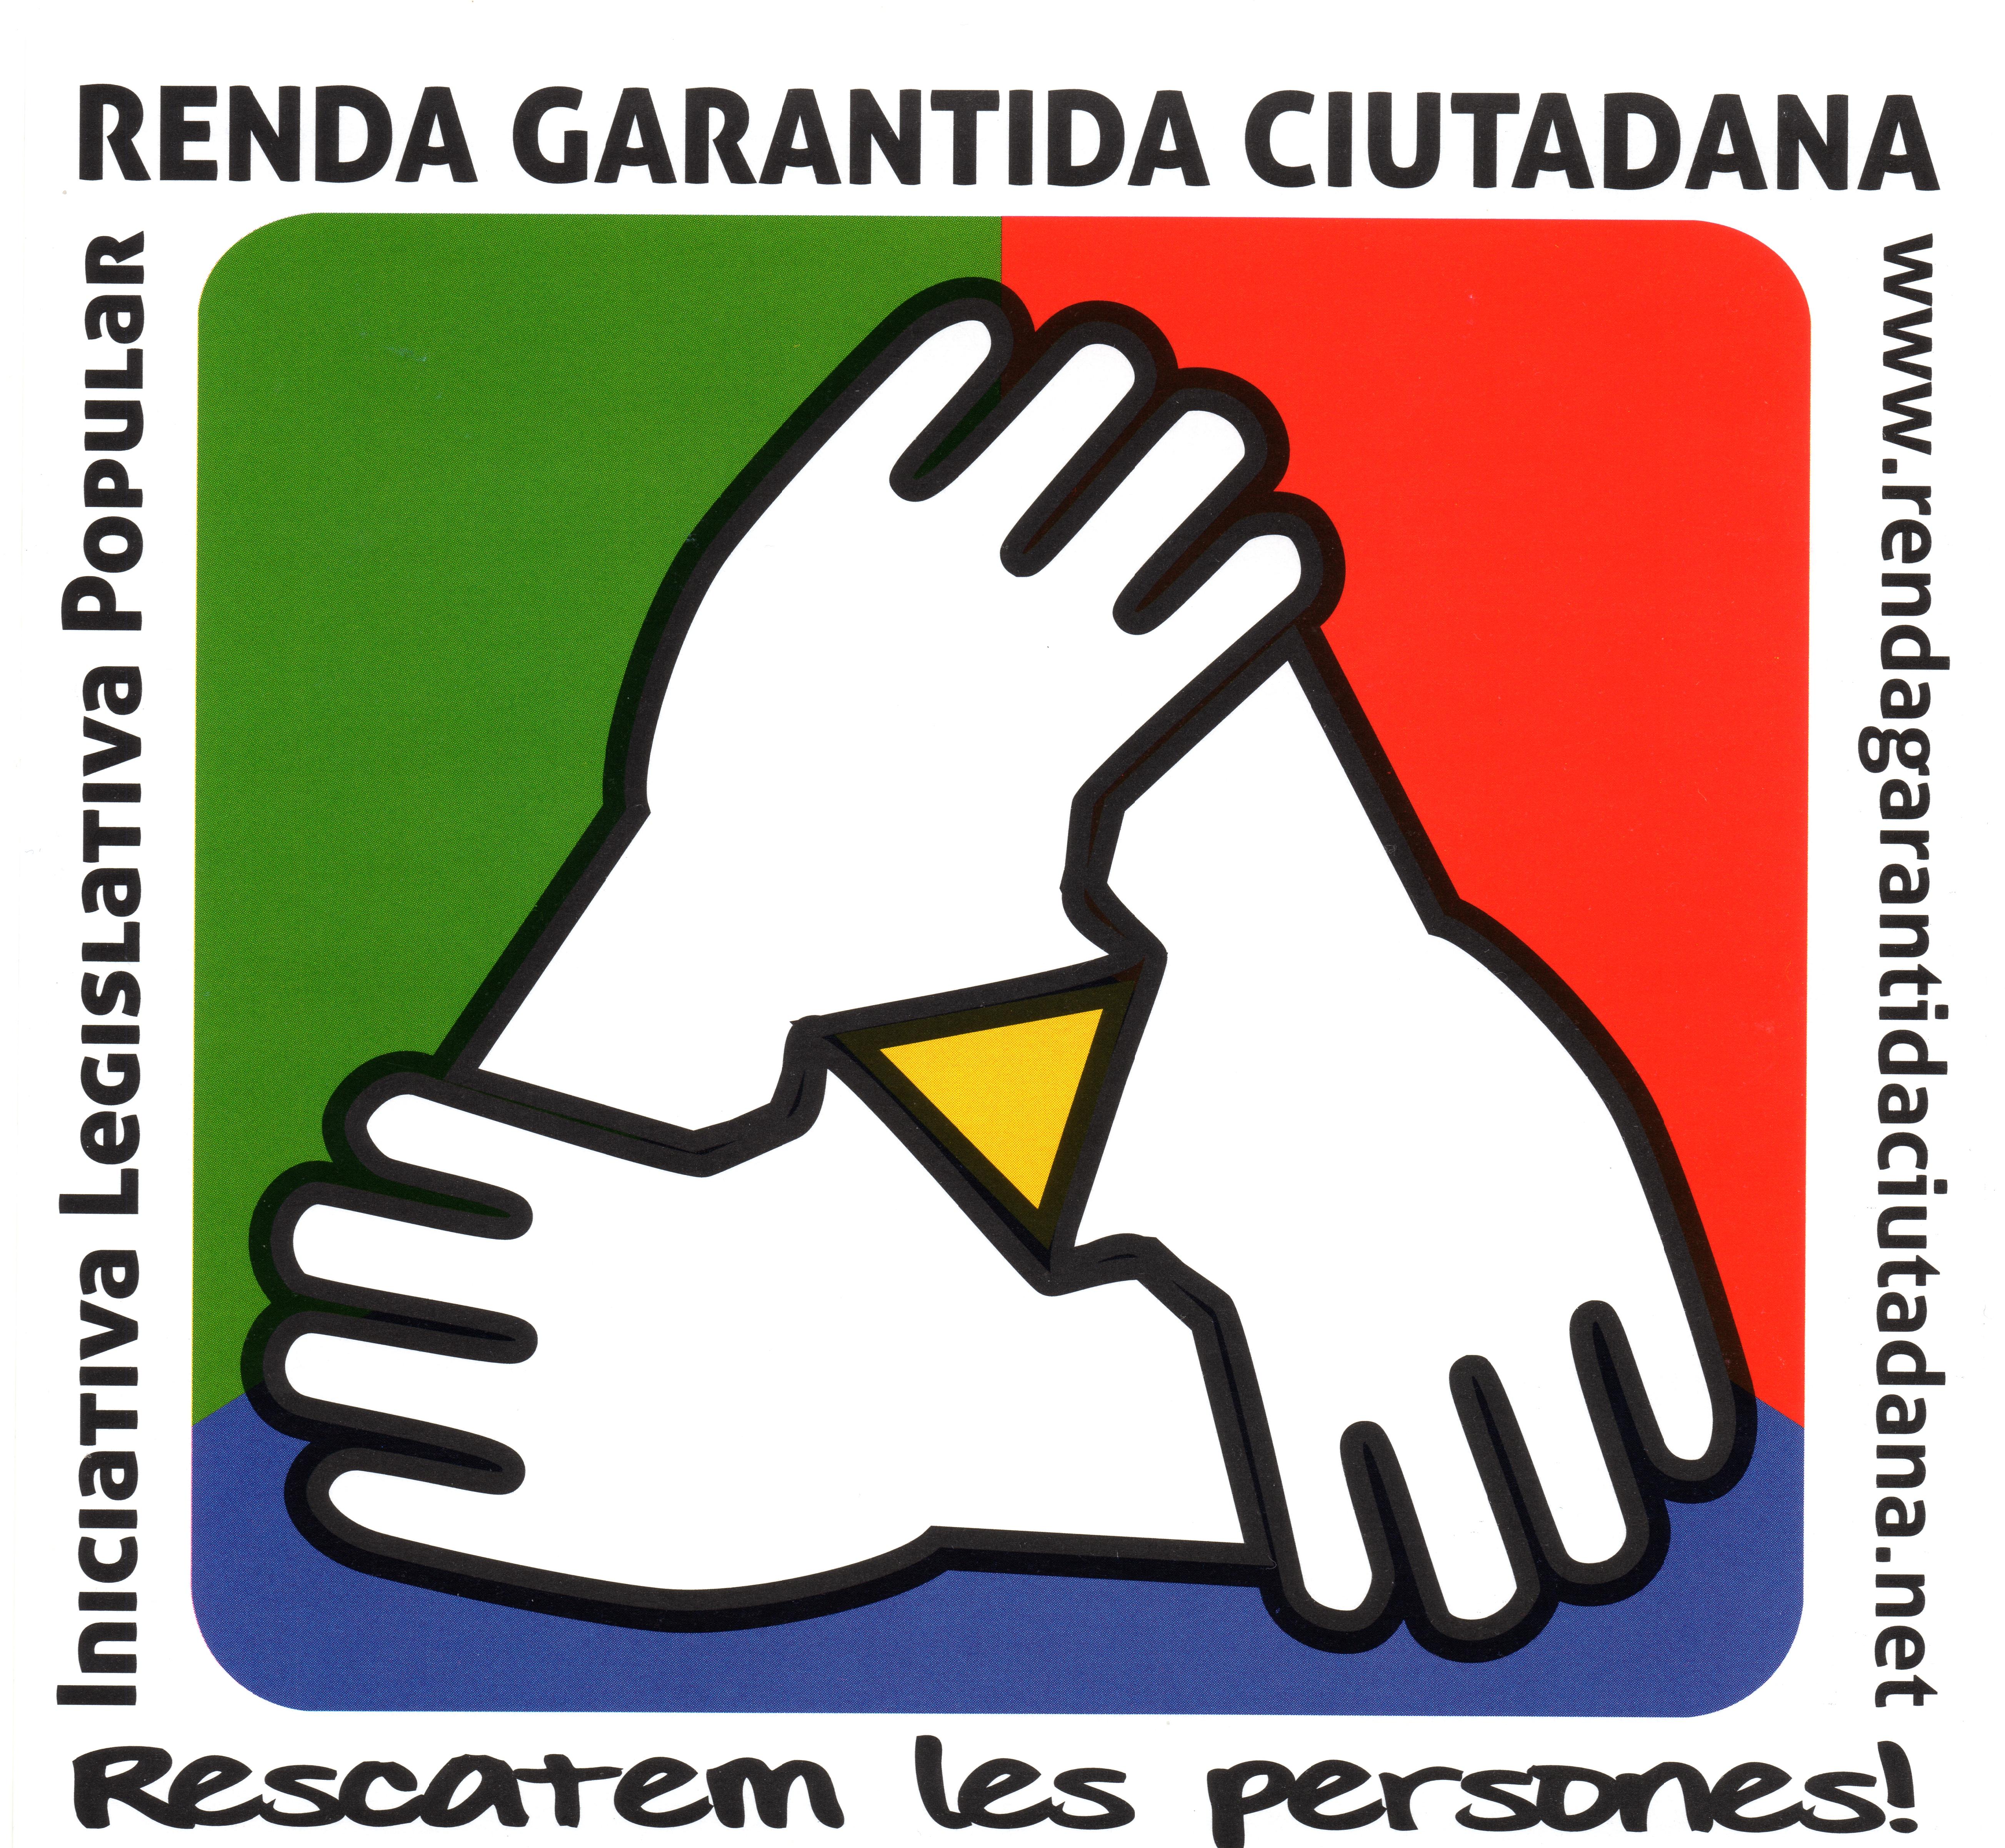 Acte de suport a la RGC: alcaldesses i alcaldes per una Catalunya sense pobresa, 31 de maig 19h